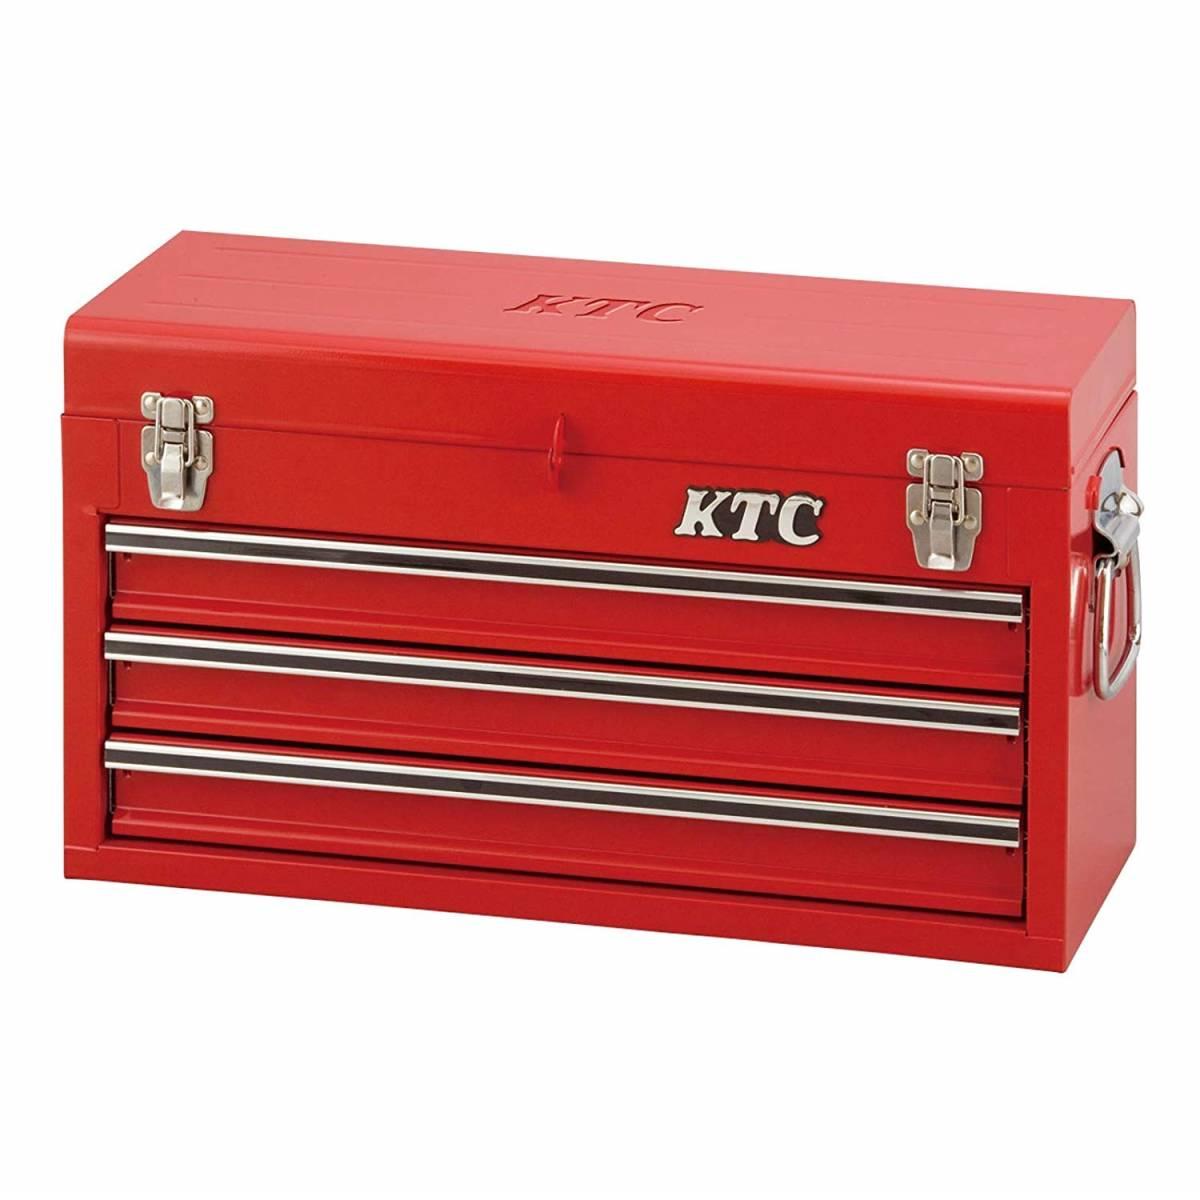 【KTC】ベアリングツールチェスト SKX0213 レッド 新品_画像2